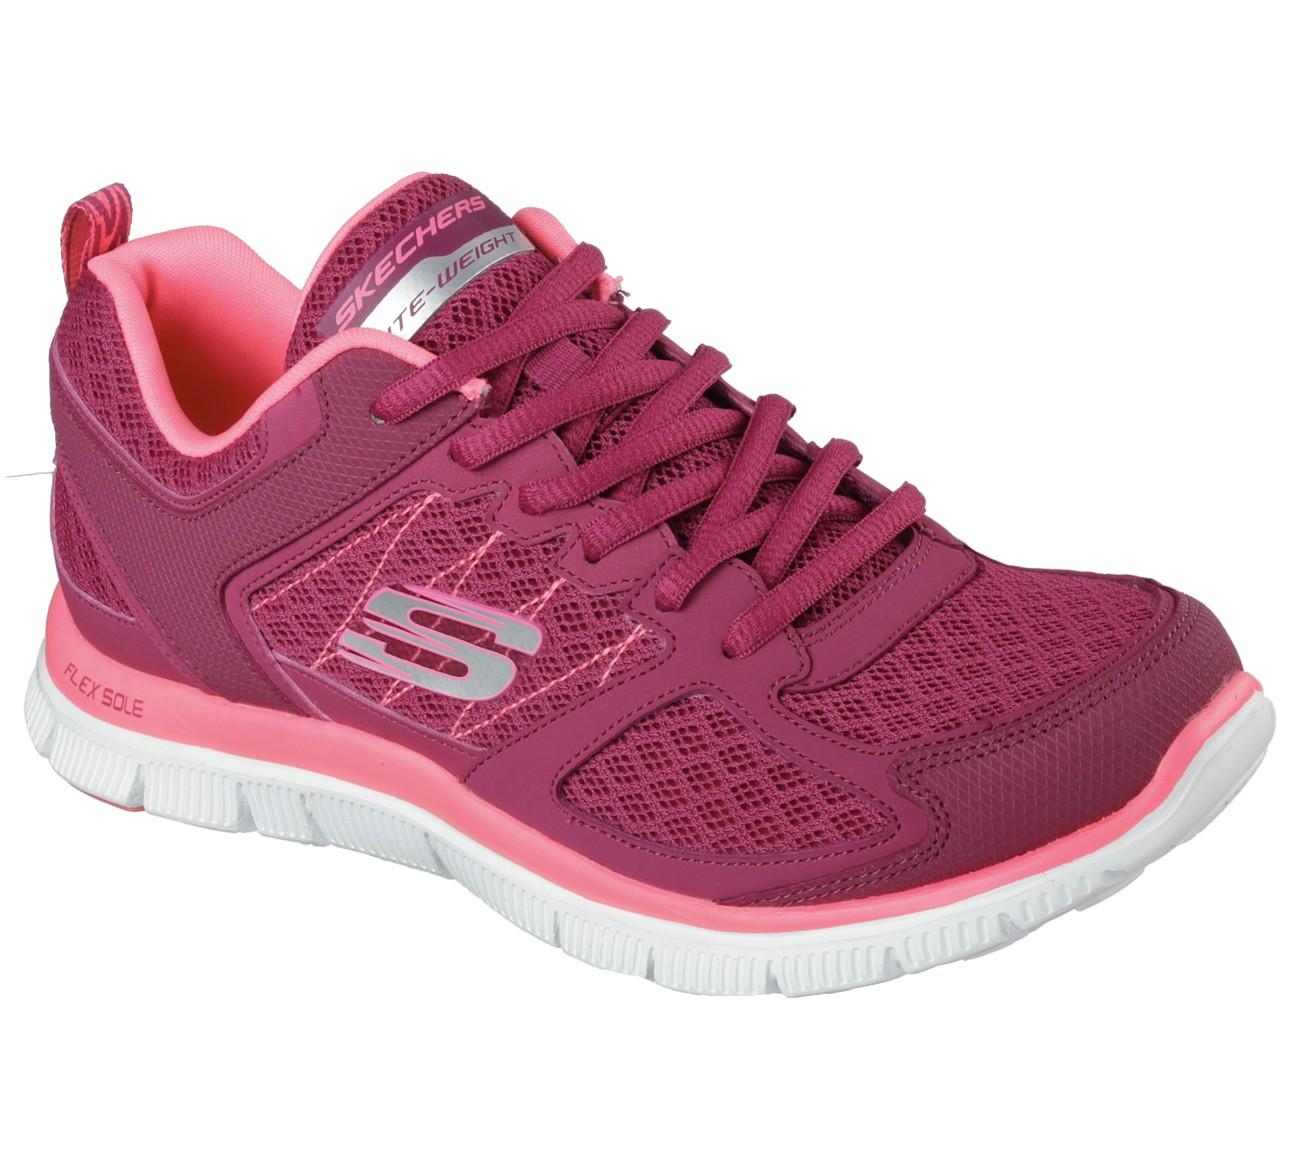 Skechers Bayan Yürüyüş Ayakkabısı Modelleri-Ayakkabı Modelleri (6)